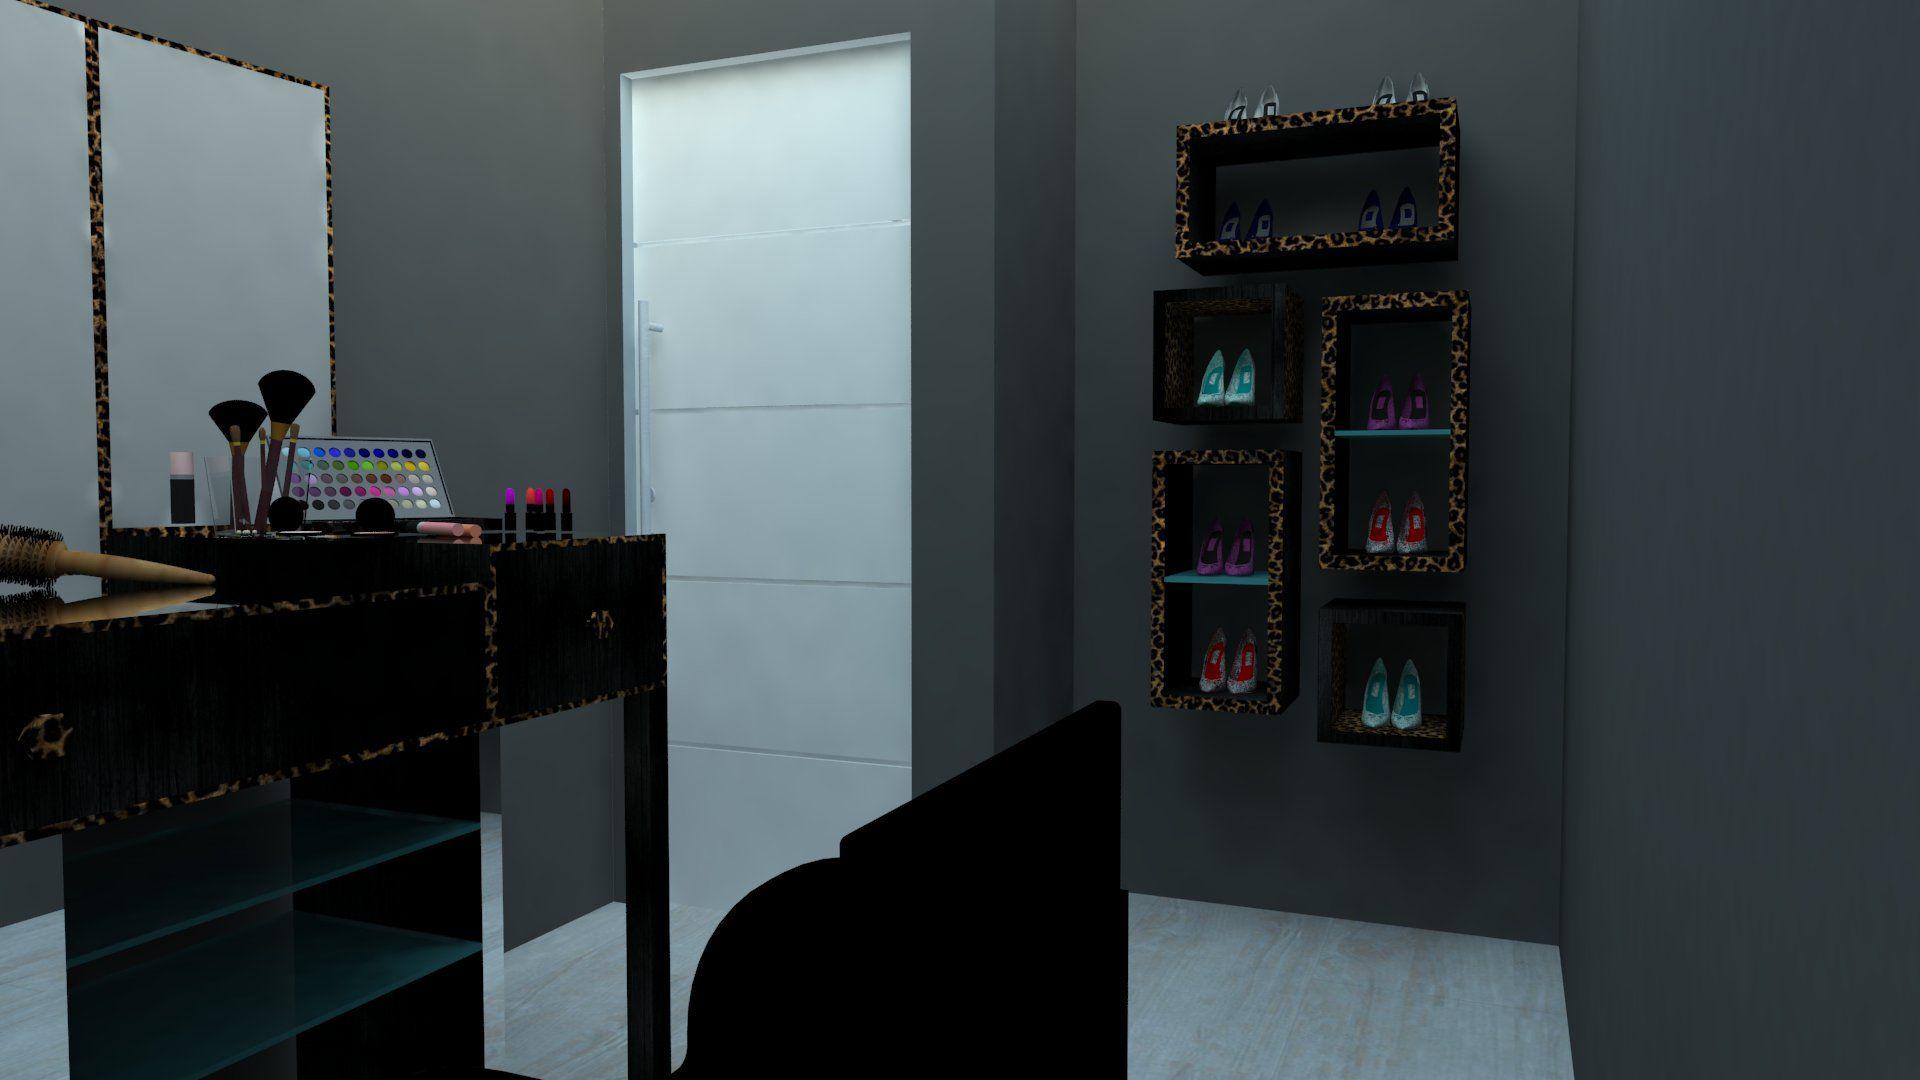 Sala de corte cabeleireira Patricia Donanzan (2) - MD Studio de beleza